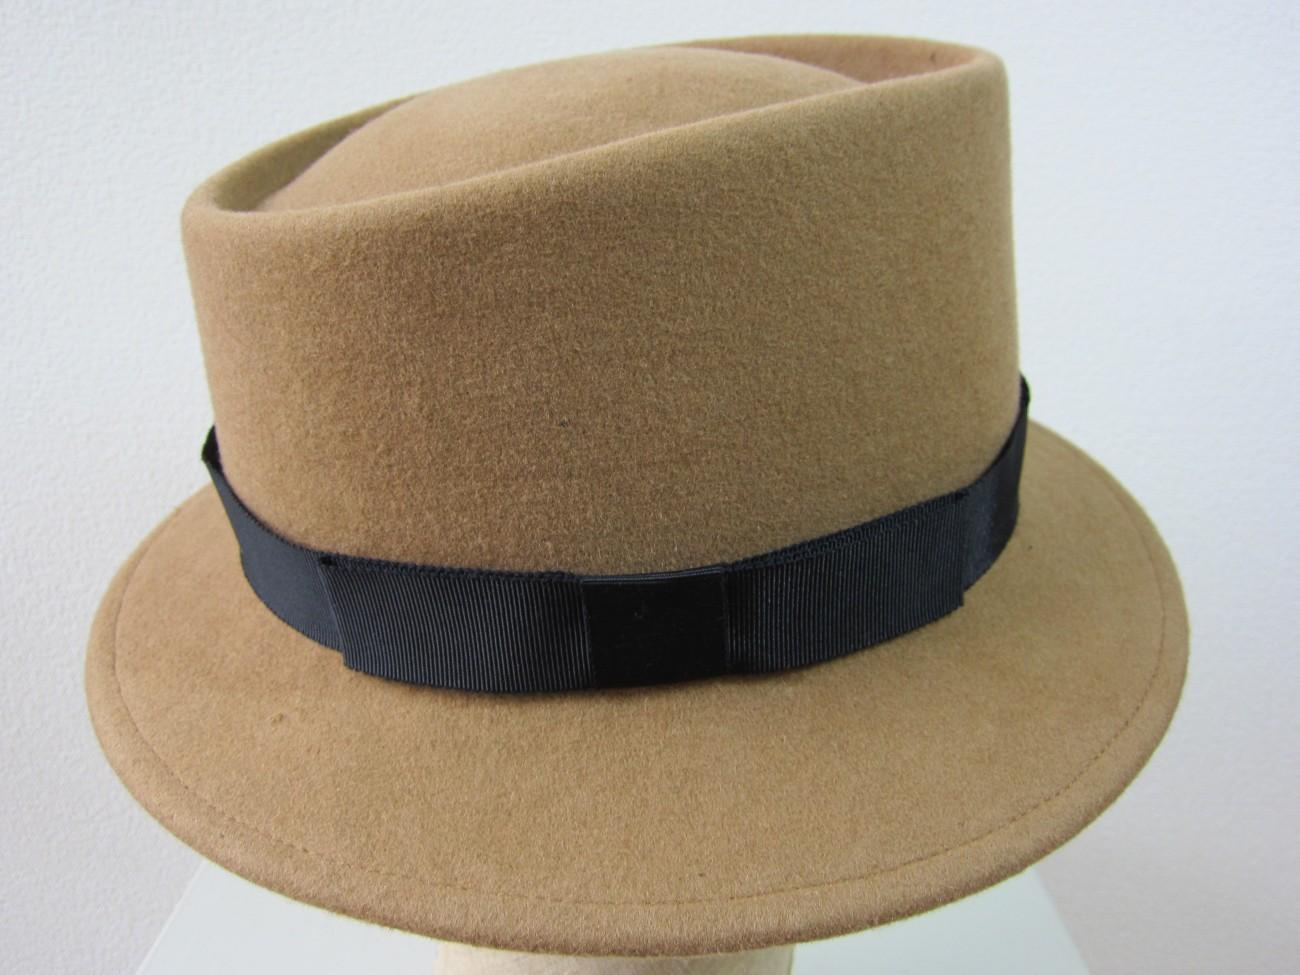 トップに窪みがあるメンズスタイルの帽子